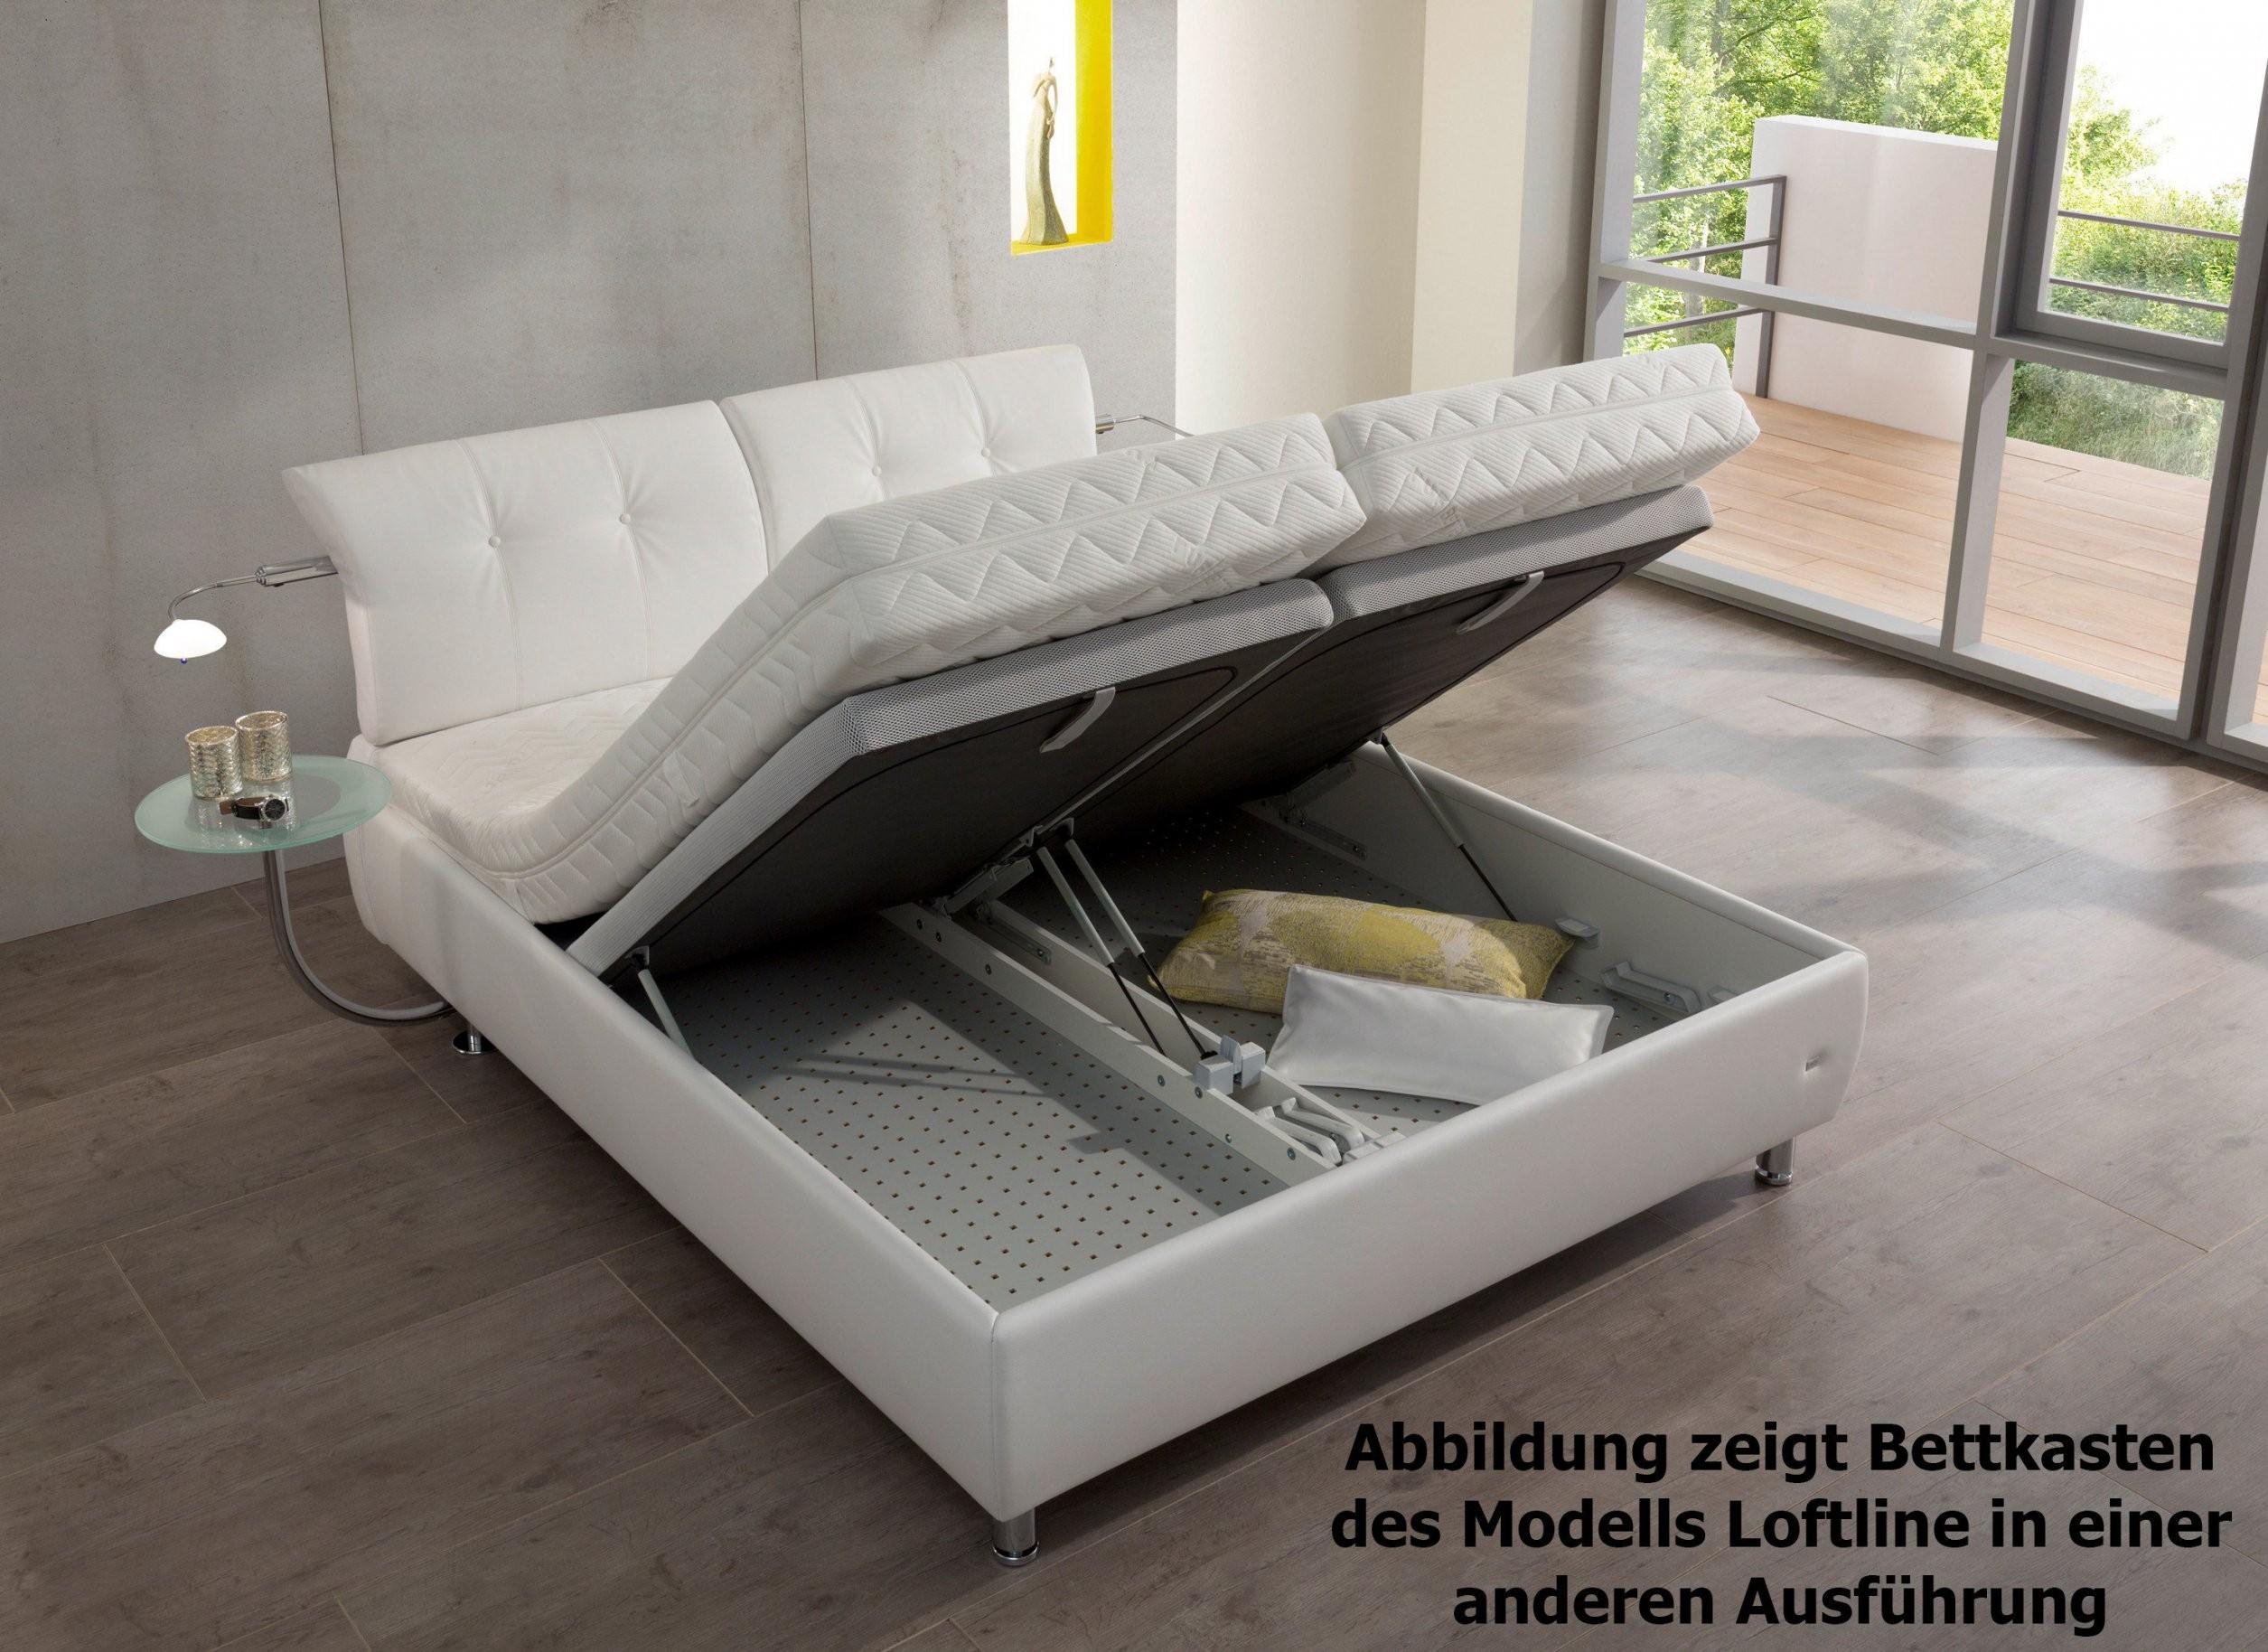 Ruf Polsterbett Loftline Mit Bettkasten  Möbel Letz  Ihr Onlineshop von Ruf Bett Mit Bettkasten Photo